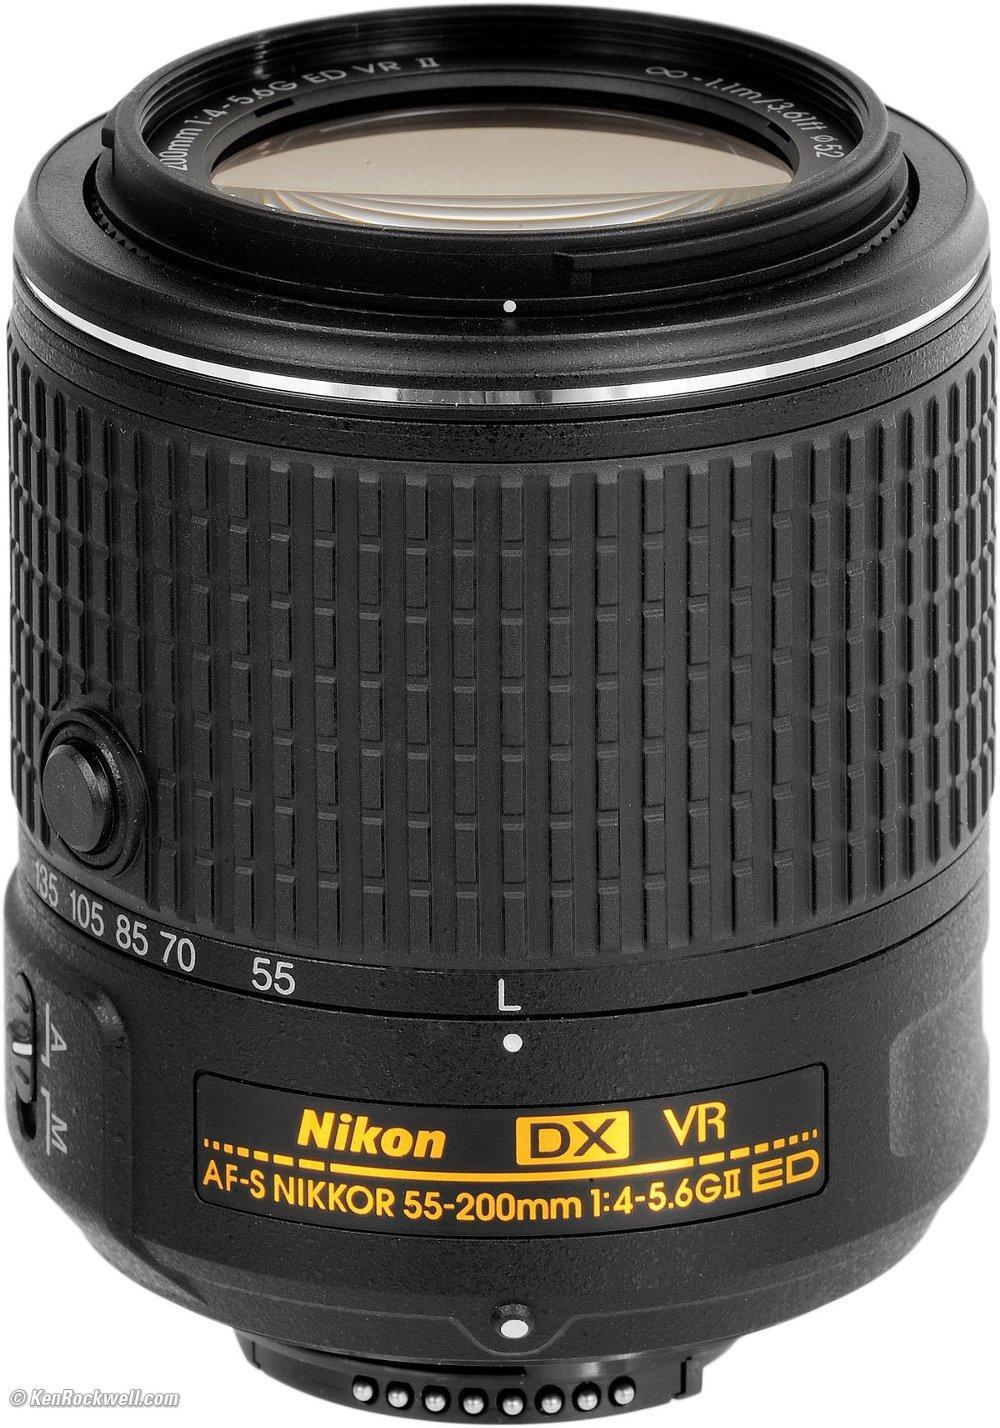 LENSA NIKON DX VR ZOOM AF-S 55-200mm F4.0-5.6 G ED / LENSA NIKON